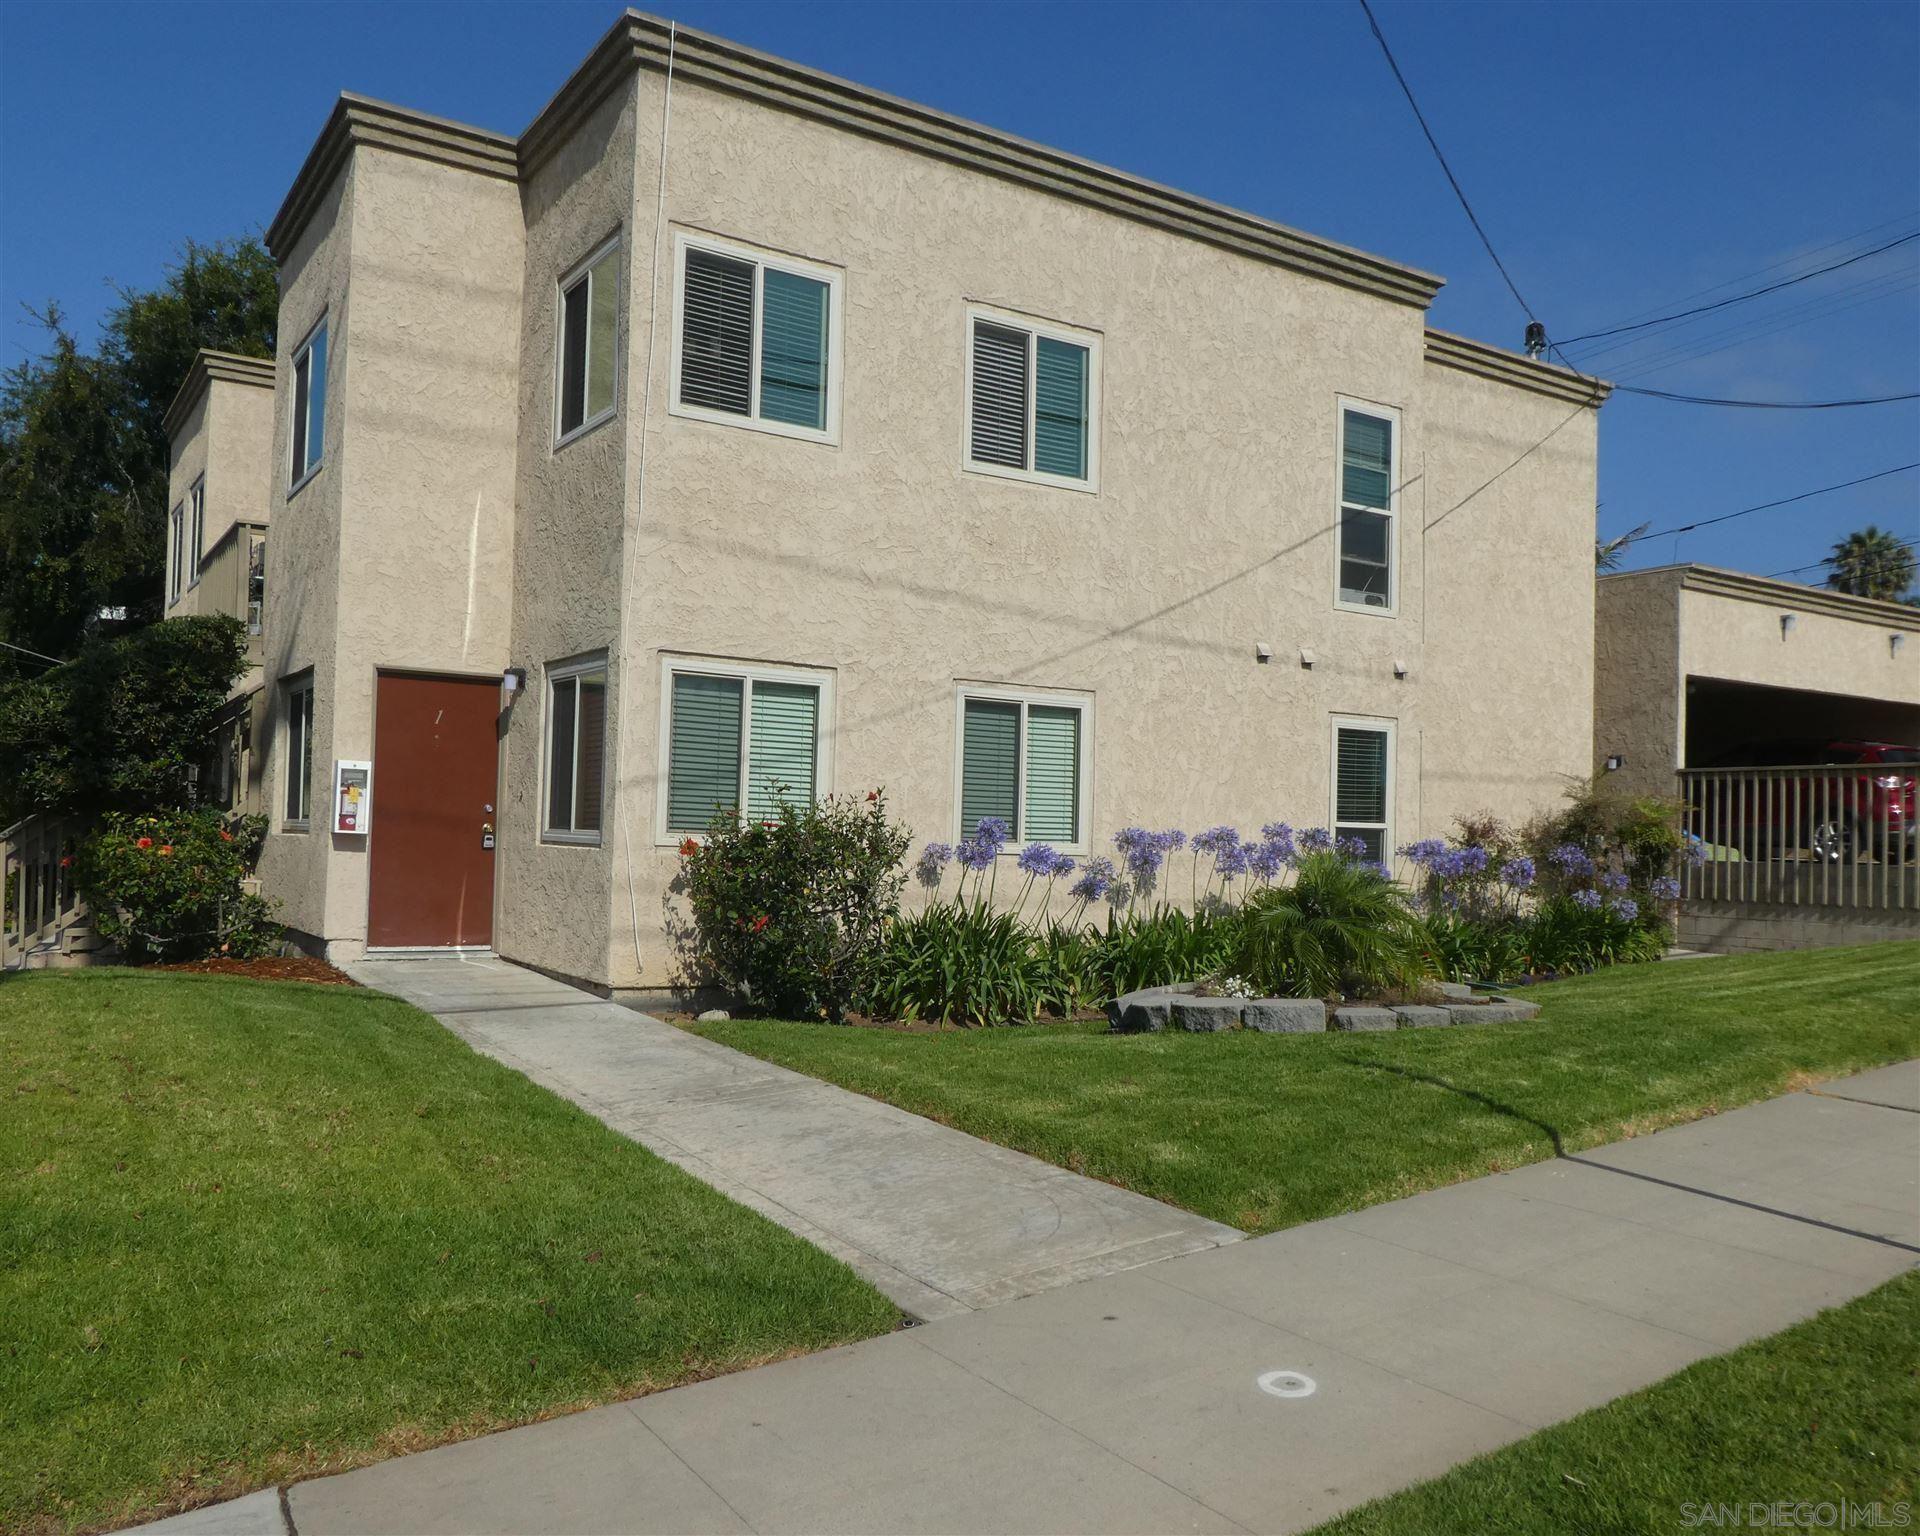 Photo of 1676 Chalcedony St, San Diego, CA 92109 (MLS # 210015605)